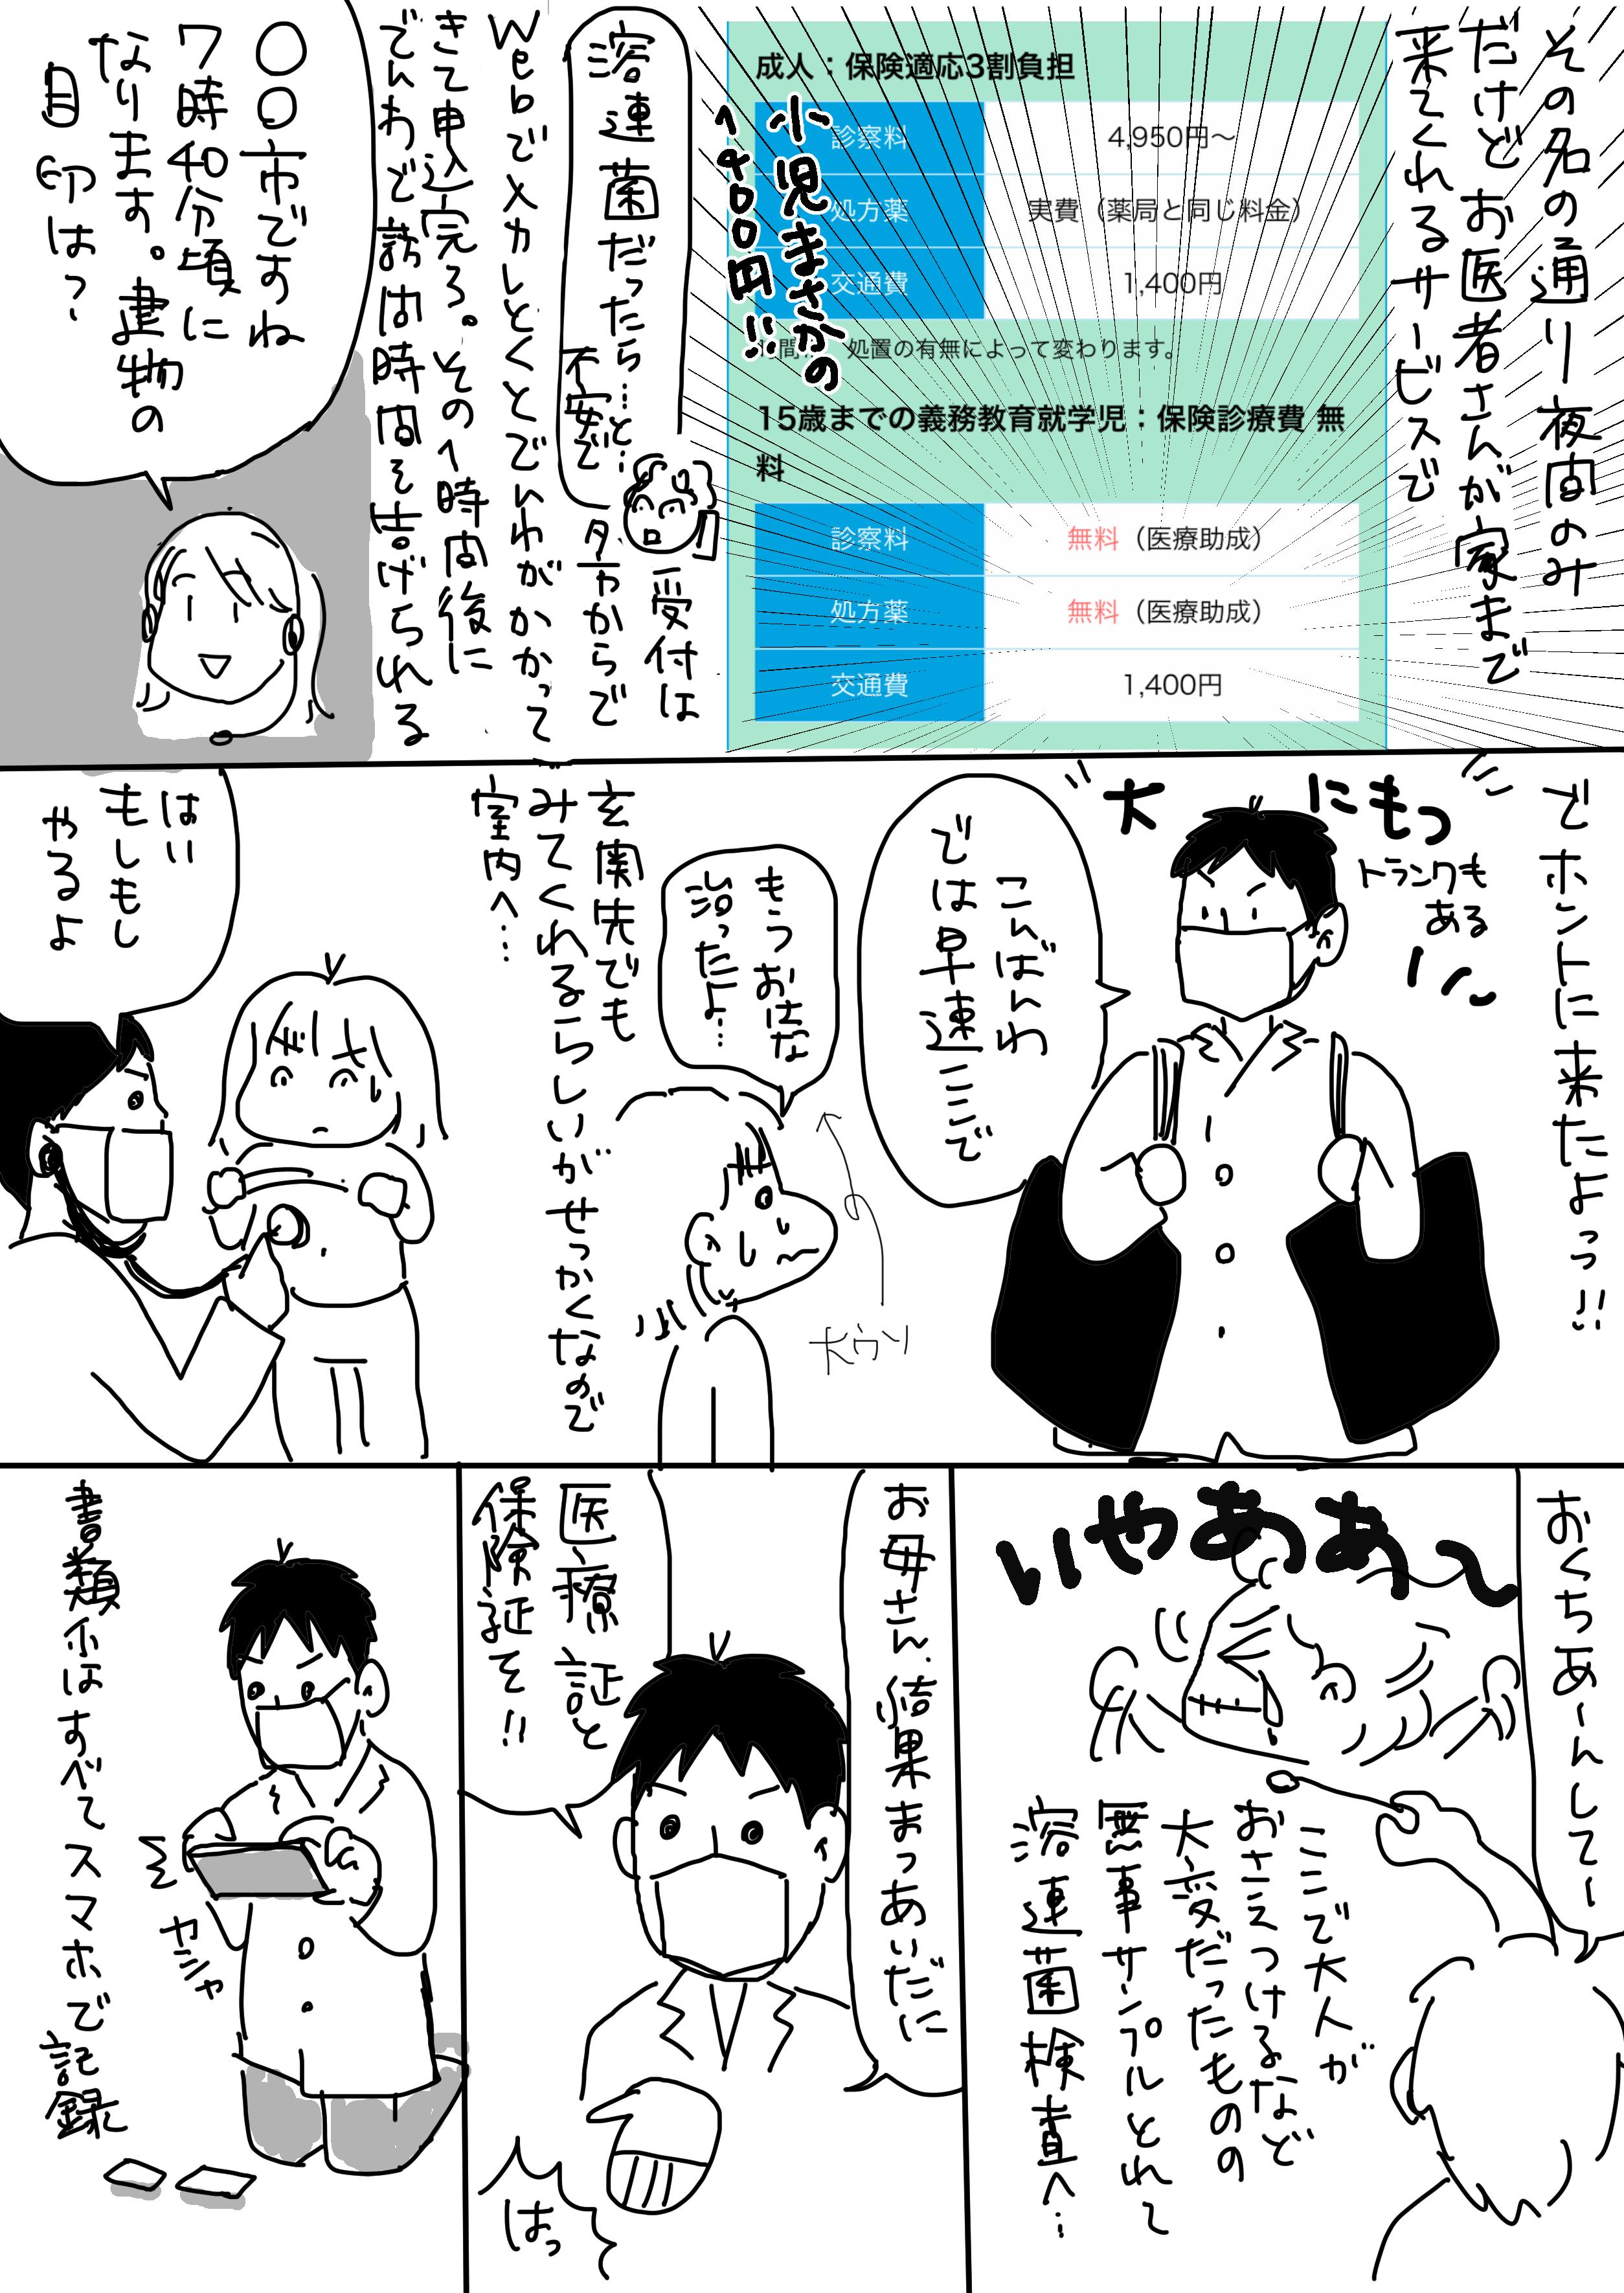 コミック7_出力_002